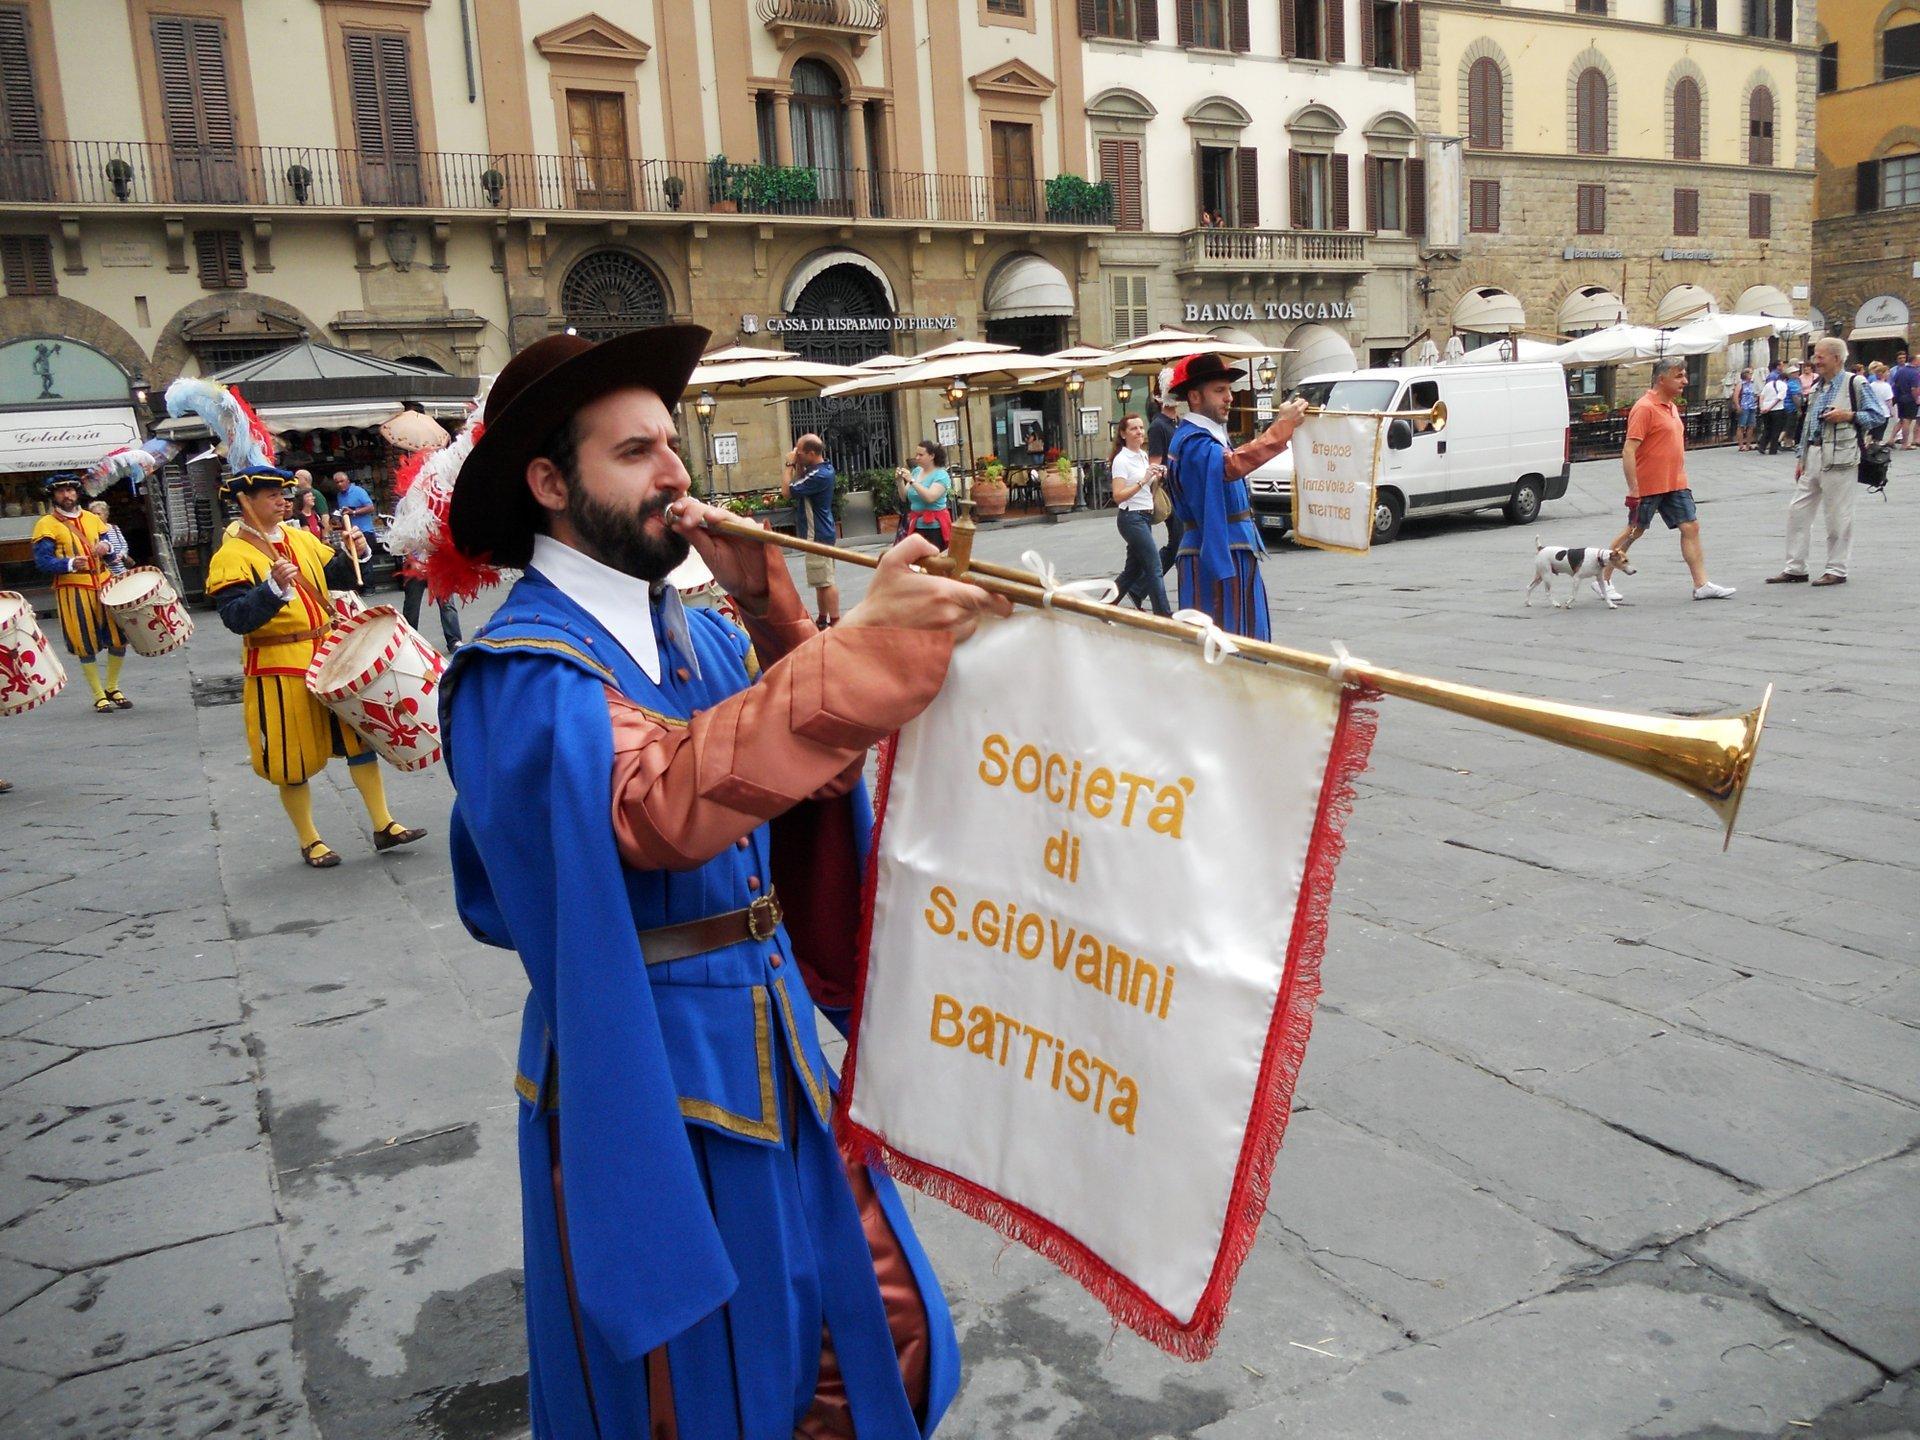 Piazza della Signoria, San Niccolo, Florence 2020